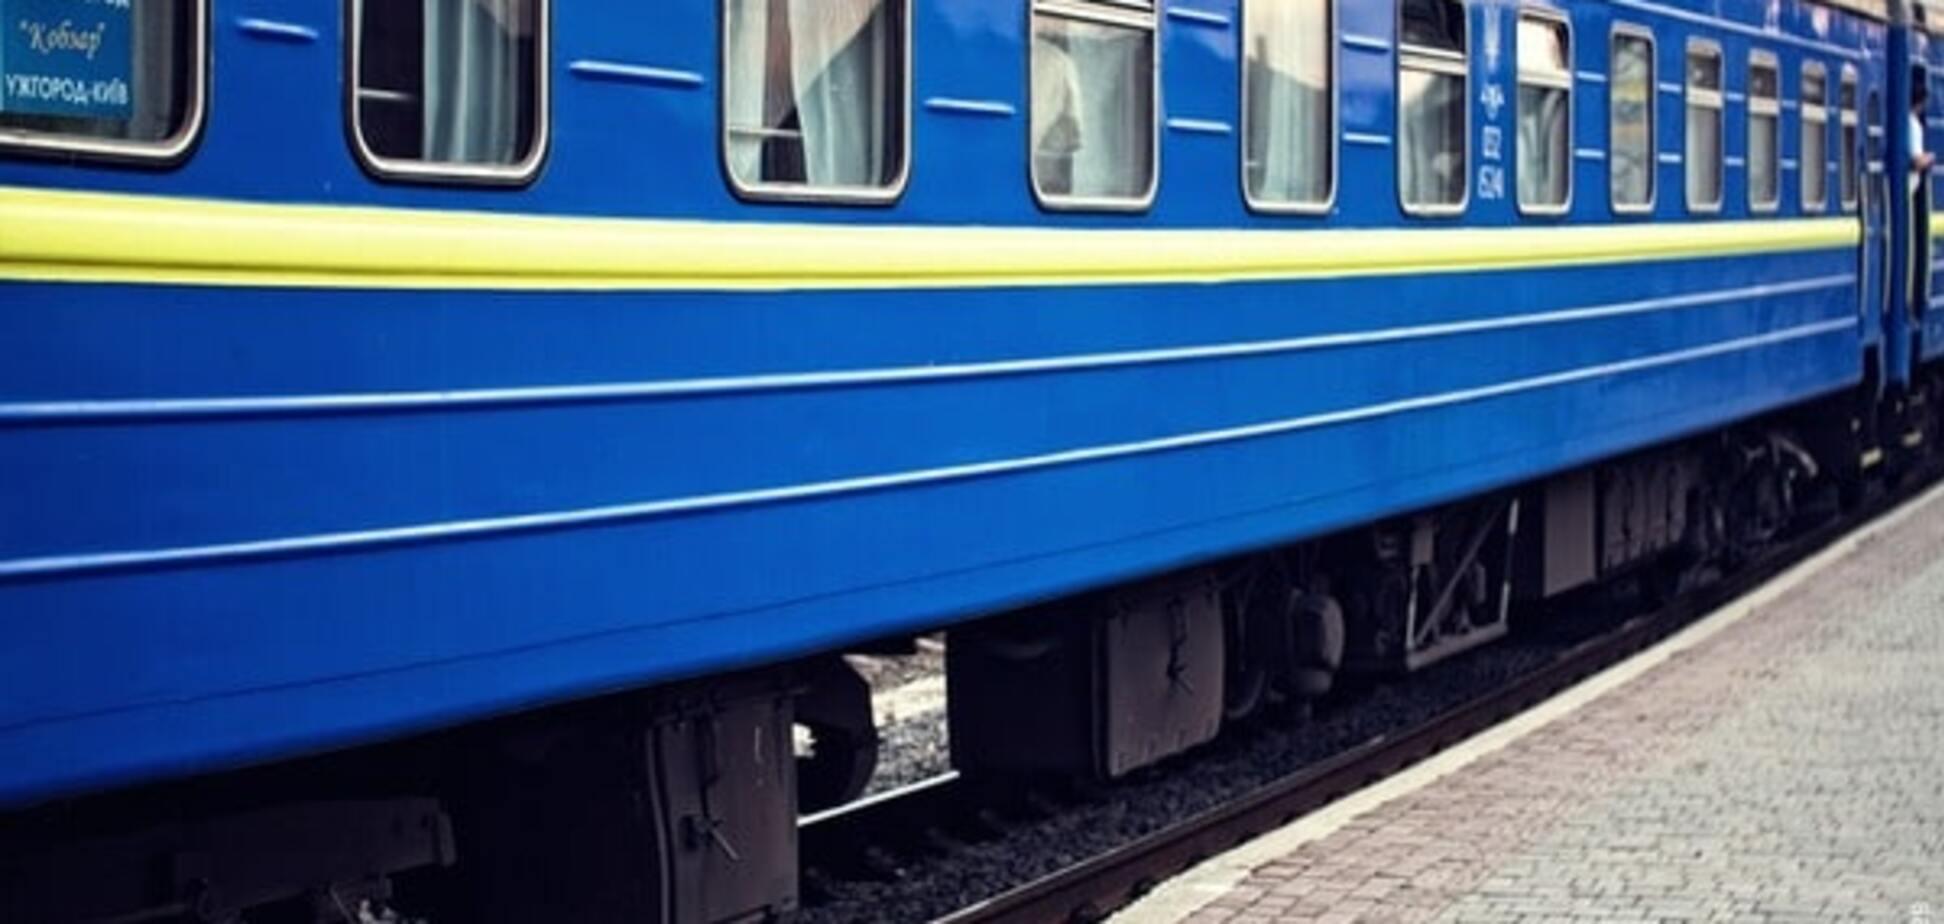 Постой, паровоз: украинцам наглядно показали, почему начали дорожать билеты на поезда